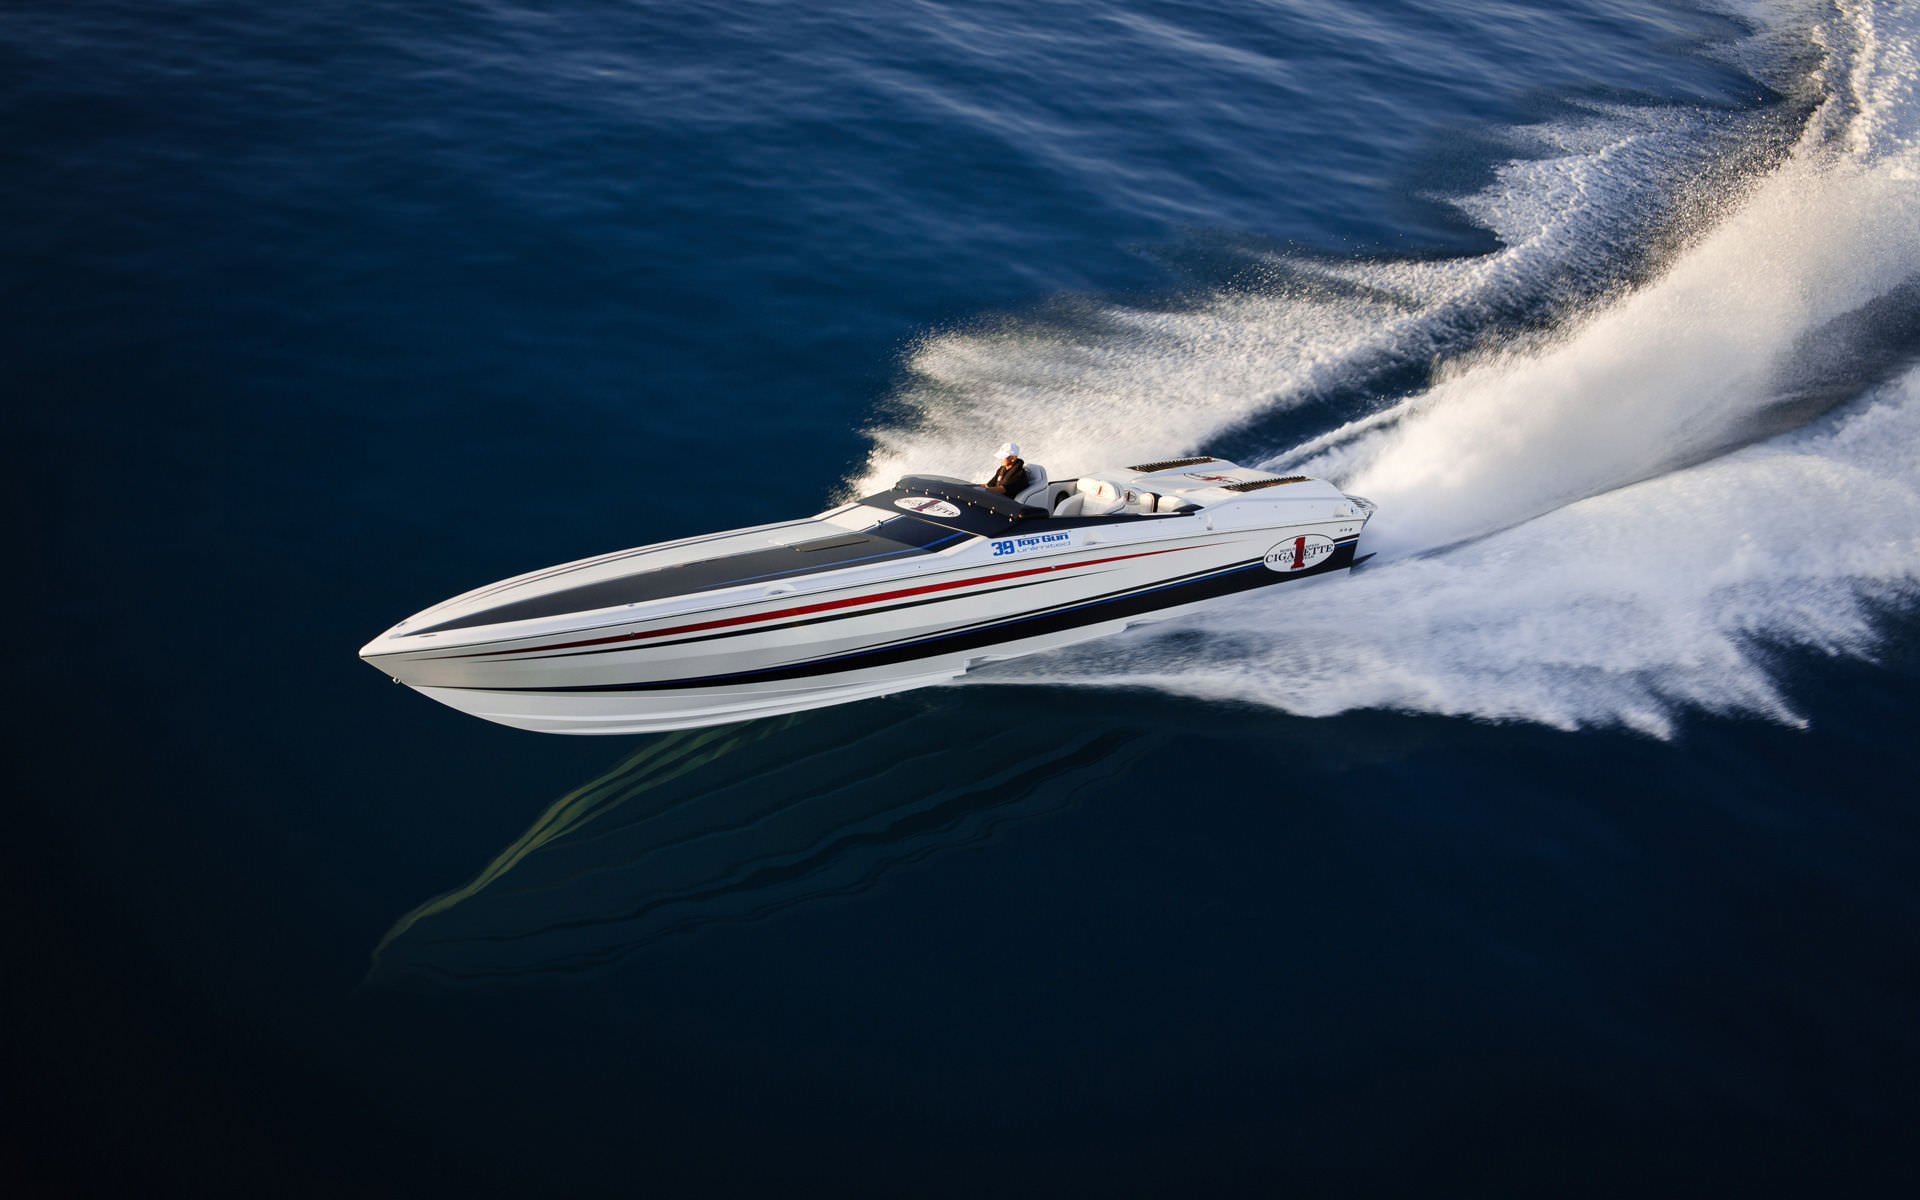 Un jet boat, peut-être de ce type, sera proposé aux enchères avec sa remorque. (Photo: stmed.net)